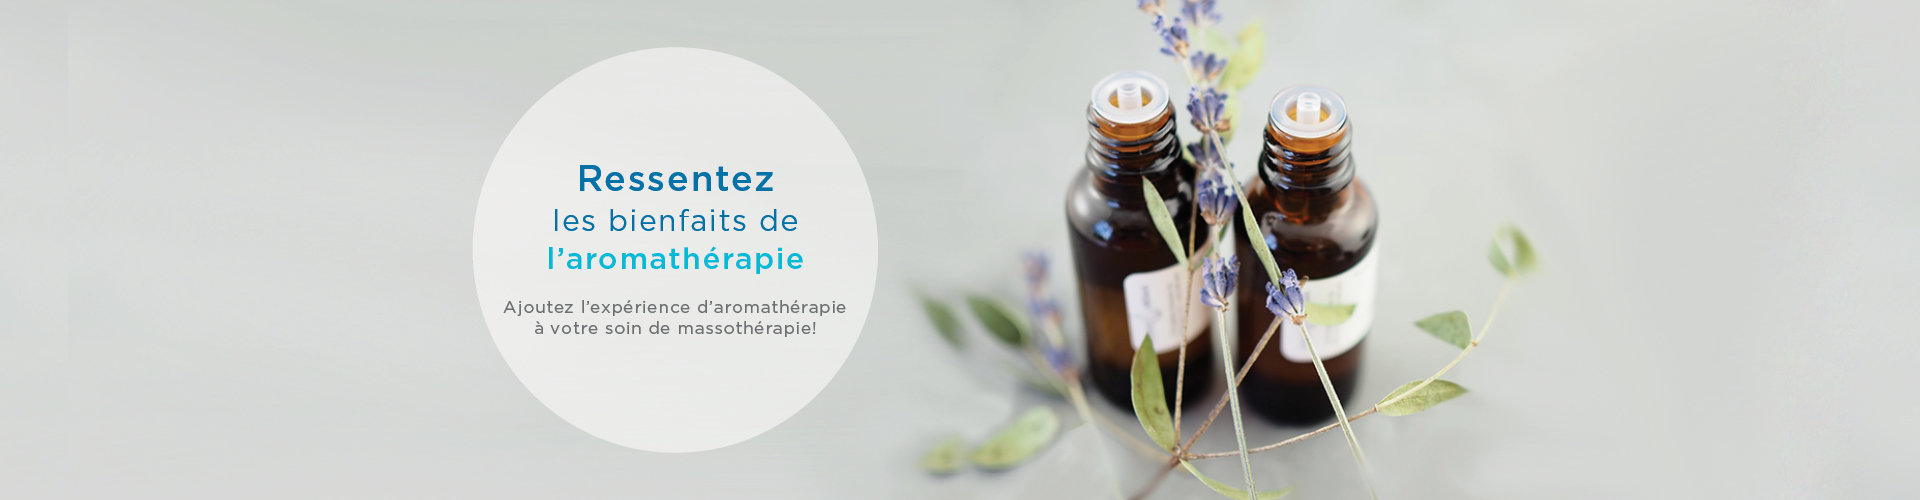 aromatherapie4